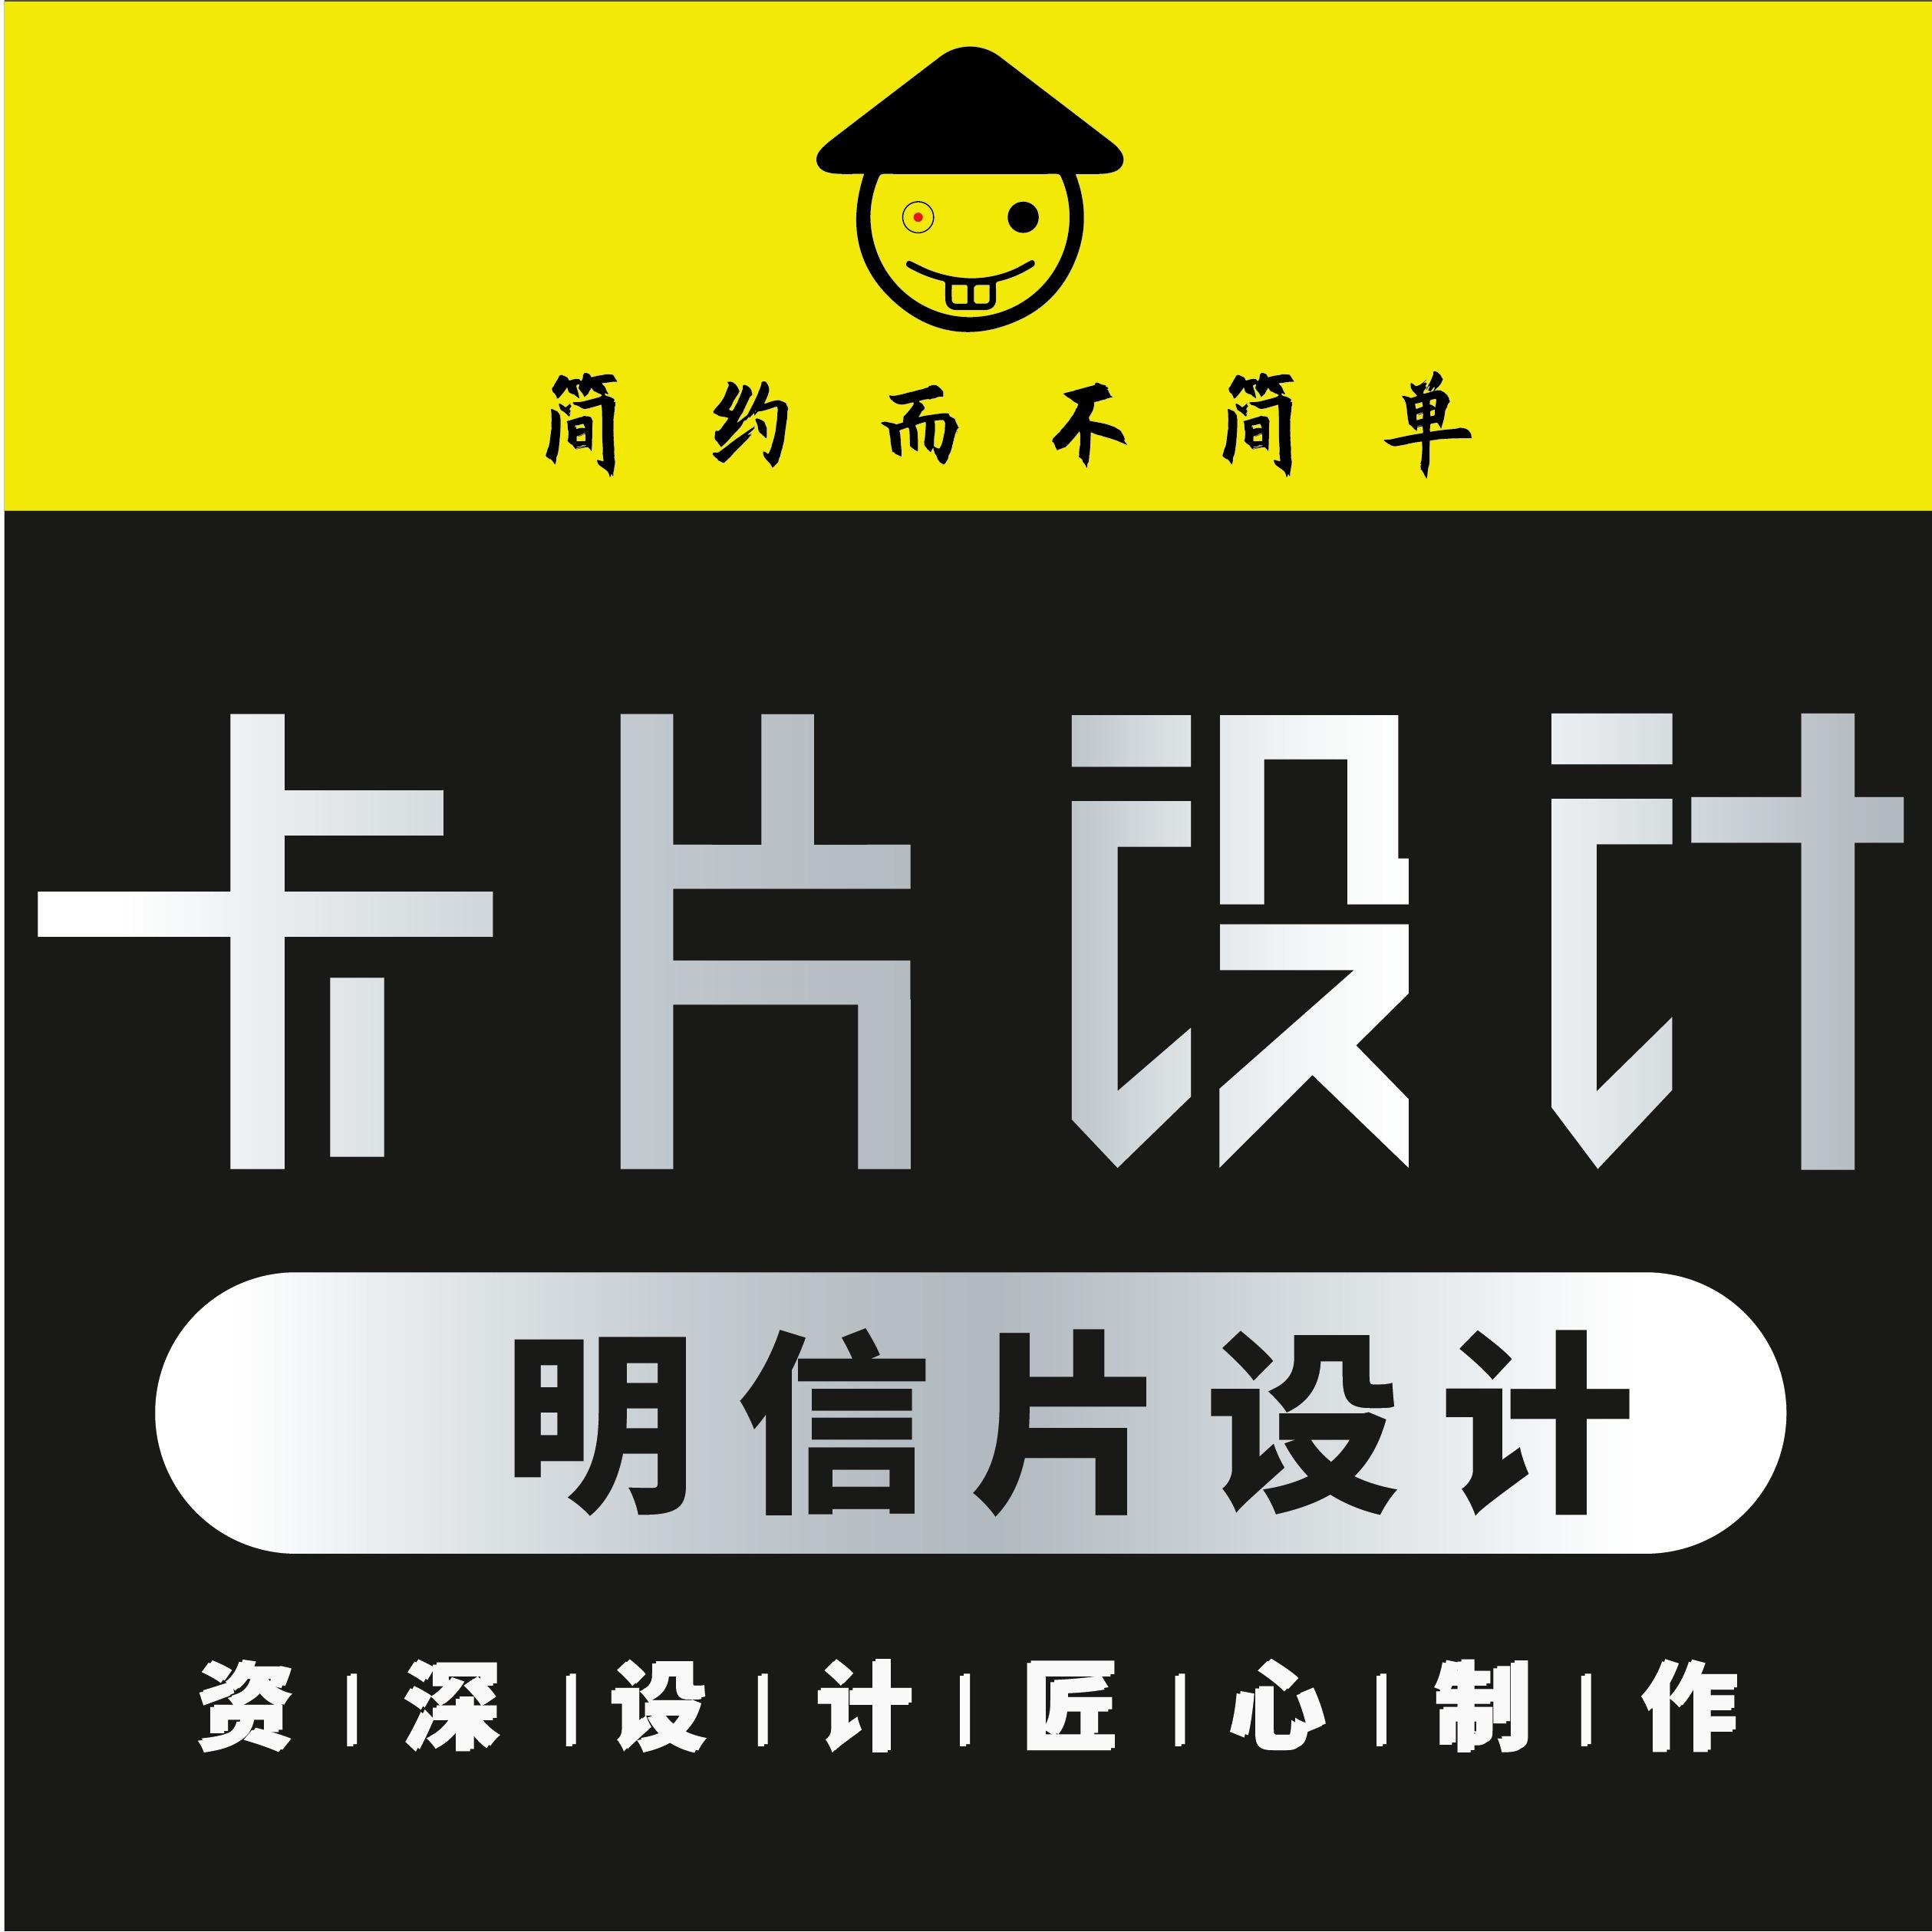 【明信片设计】海报风景动物插画异型moka公司卡片明信片